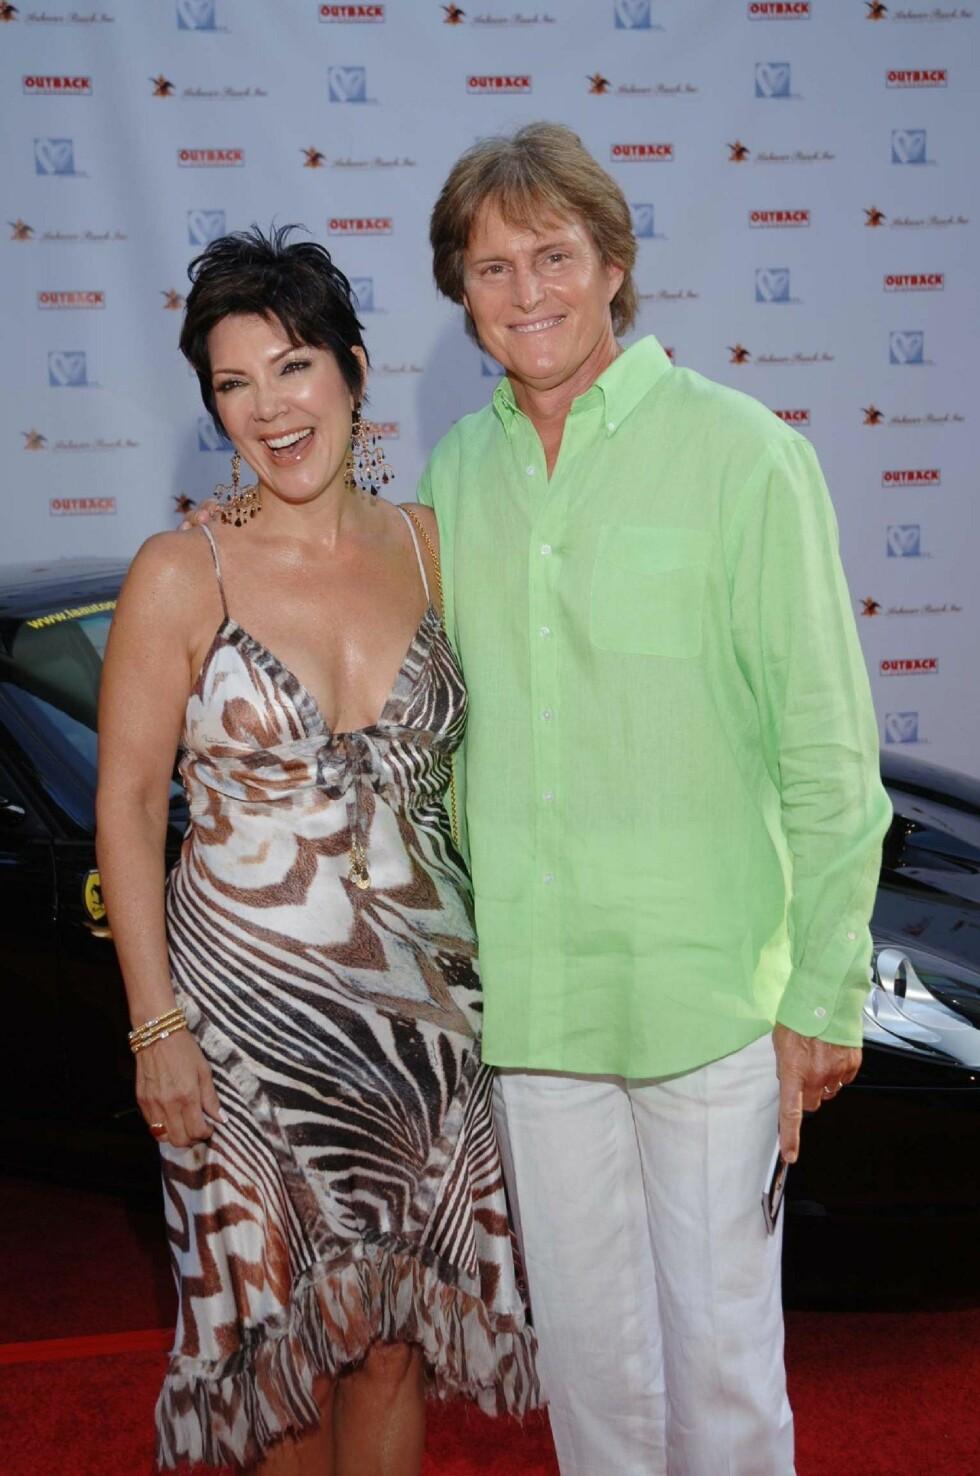 EKSKONA: Bruce Jenner og hans daværende kone Kris Jenner på rød løper på slutten av 2000-tallet. Foto: NTB Scanpix